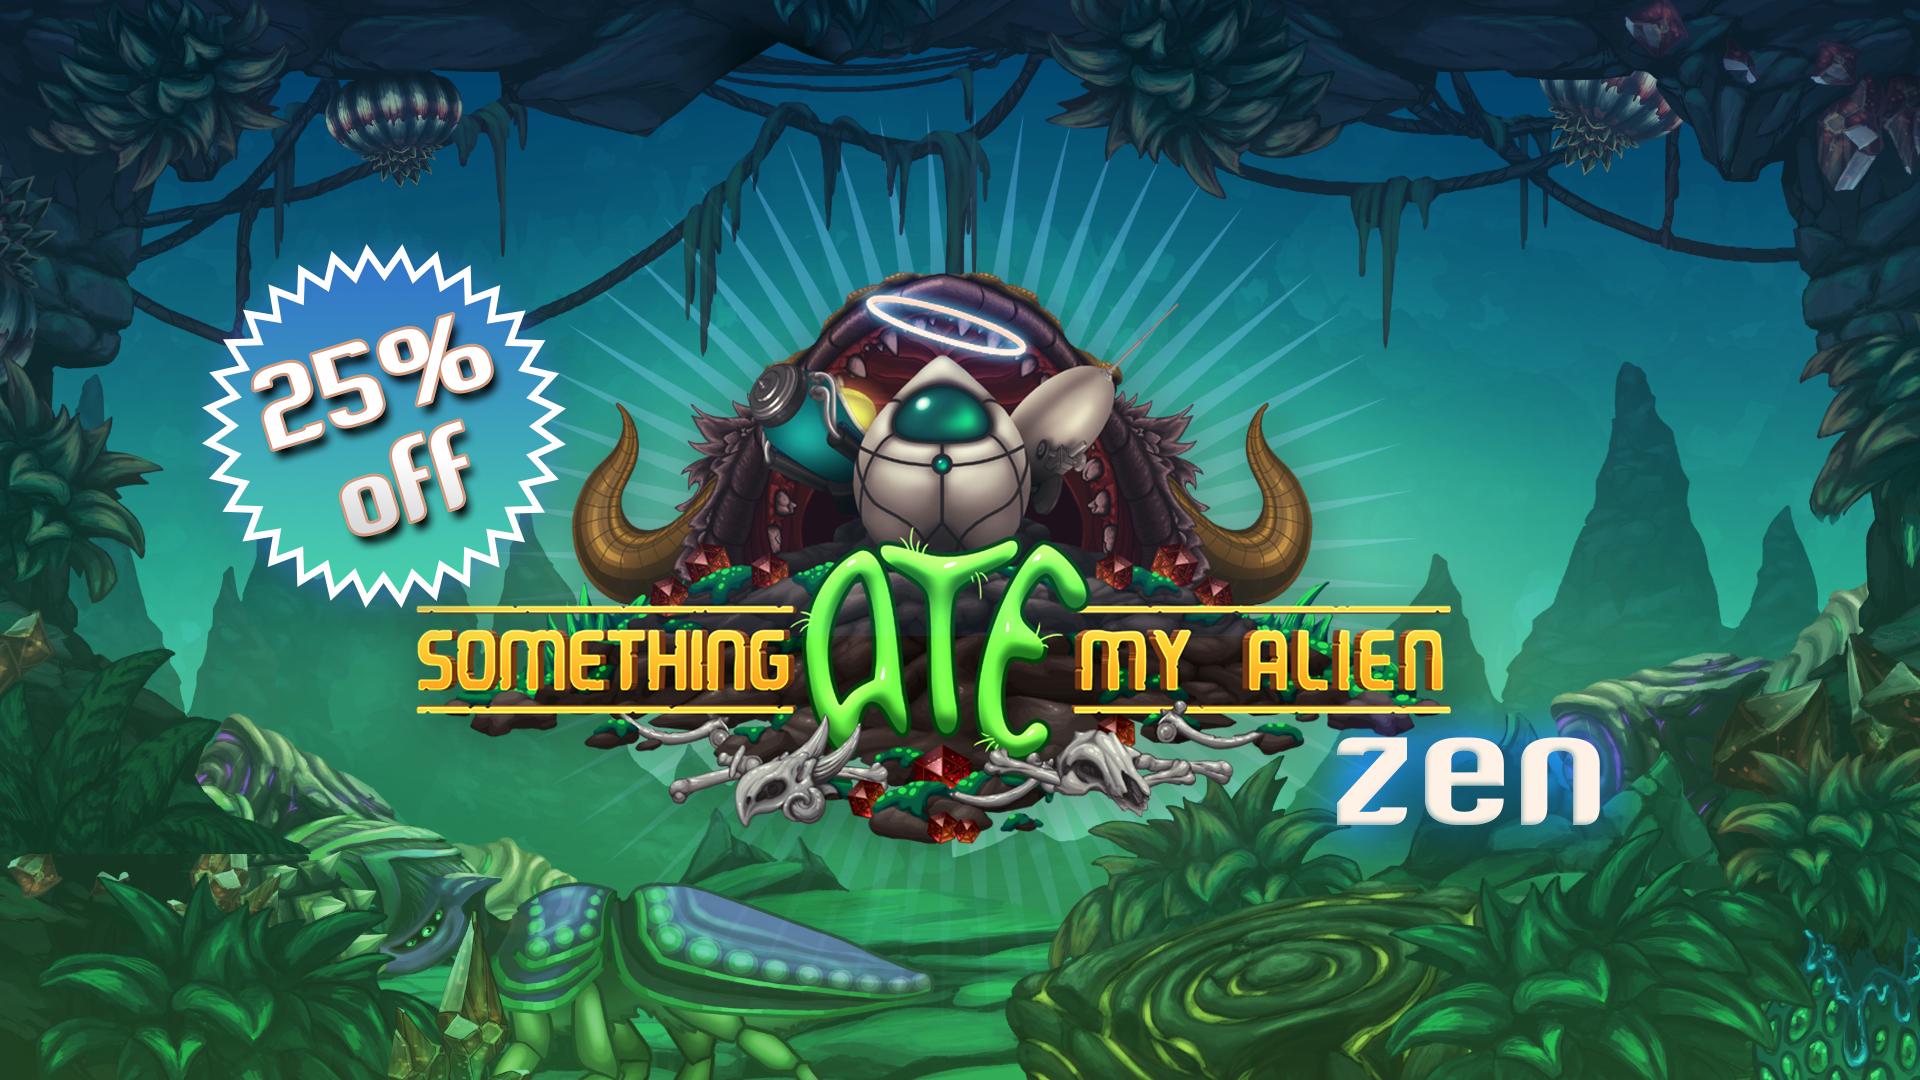 Zen mode announcement